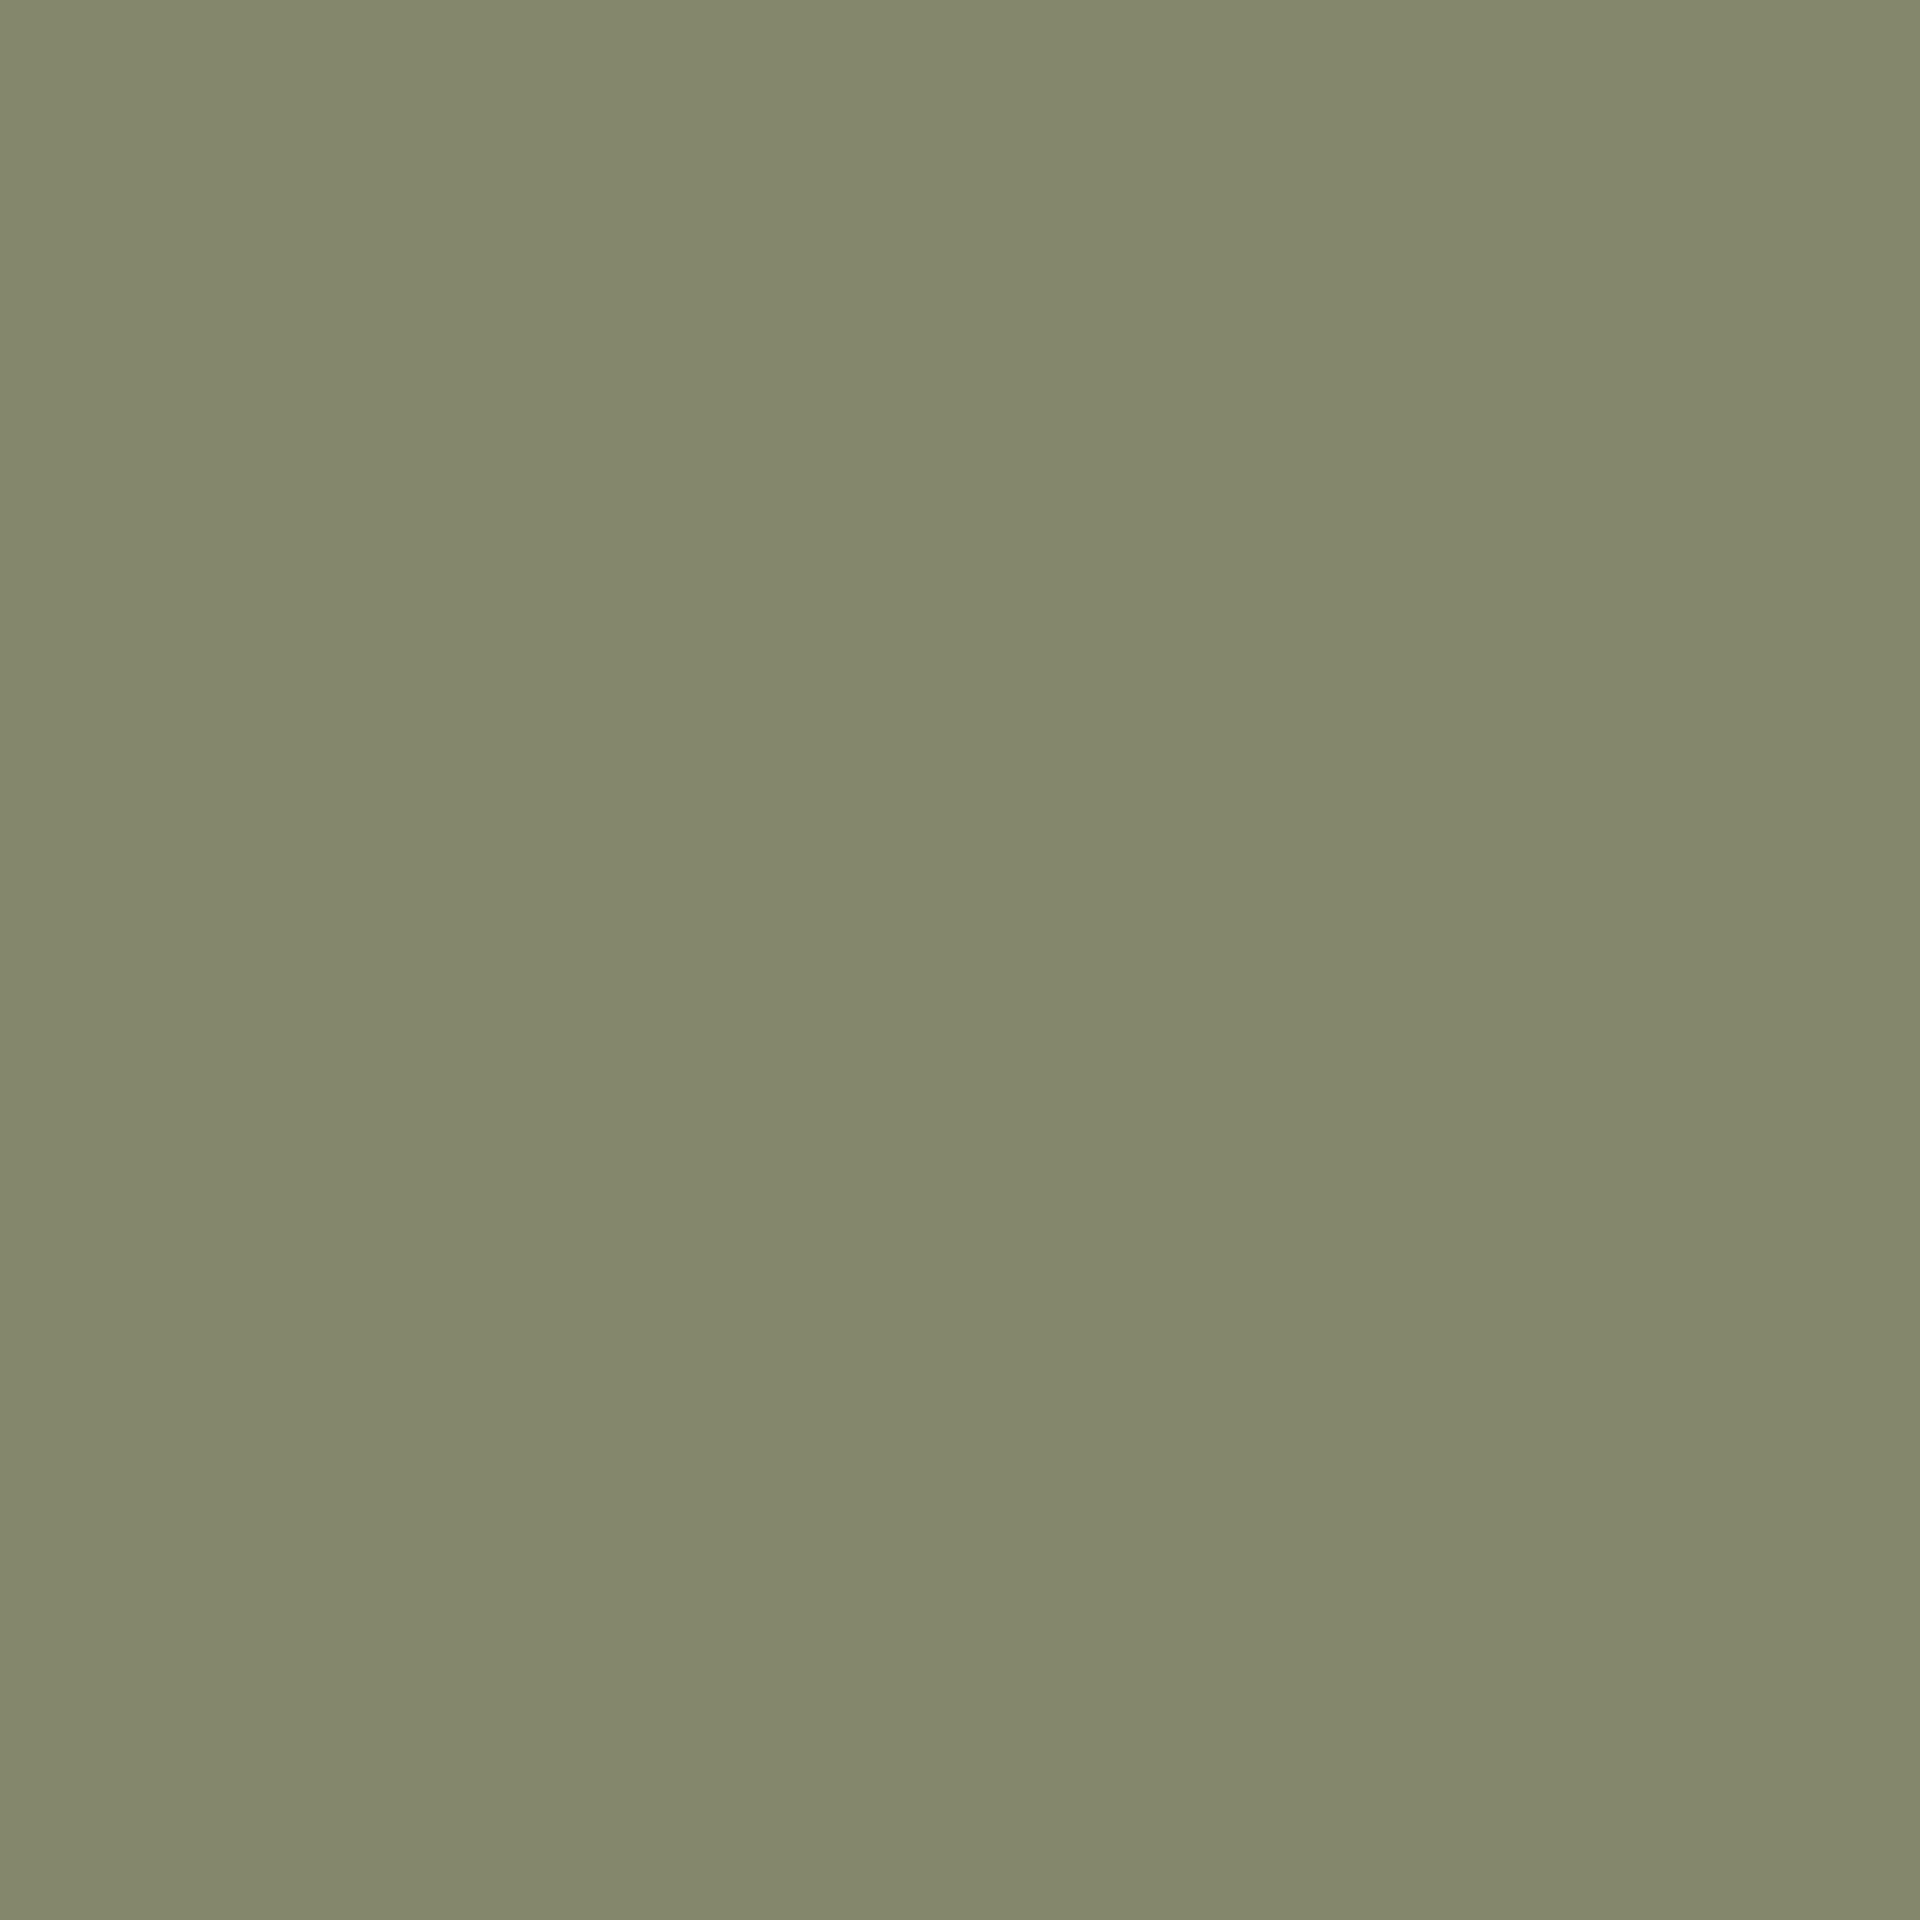 カーキ色 Android壁紙(2160x1920)